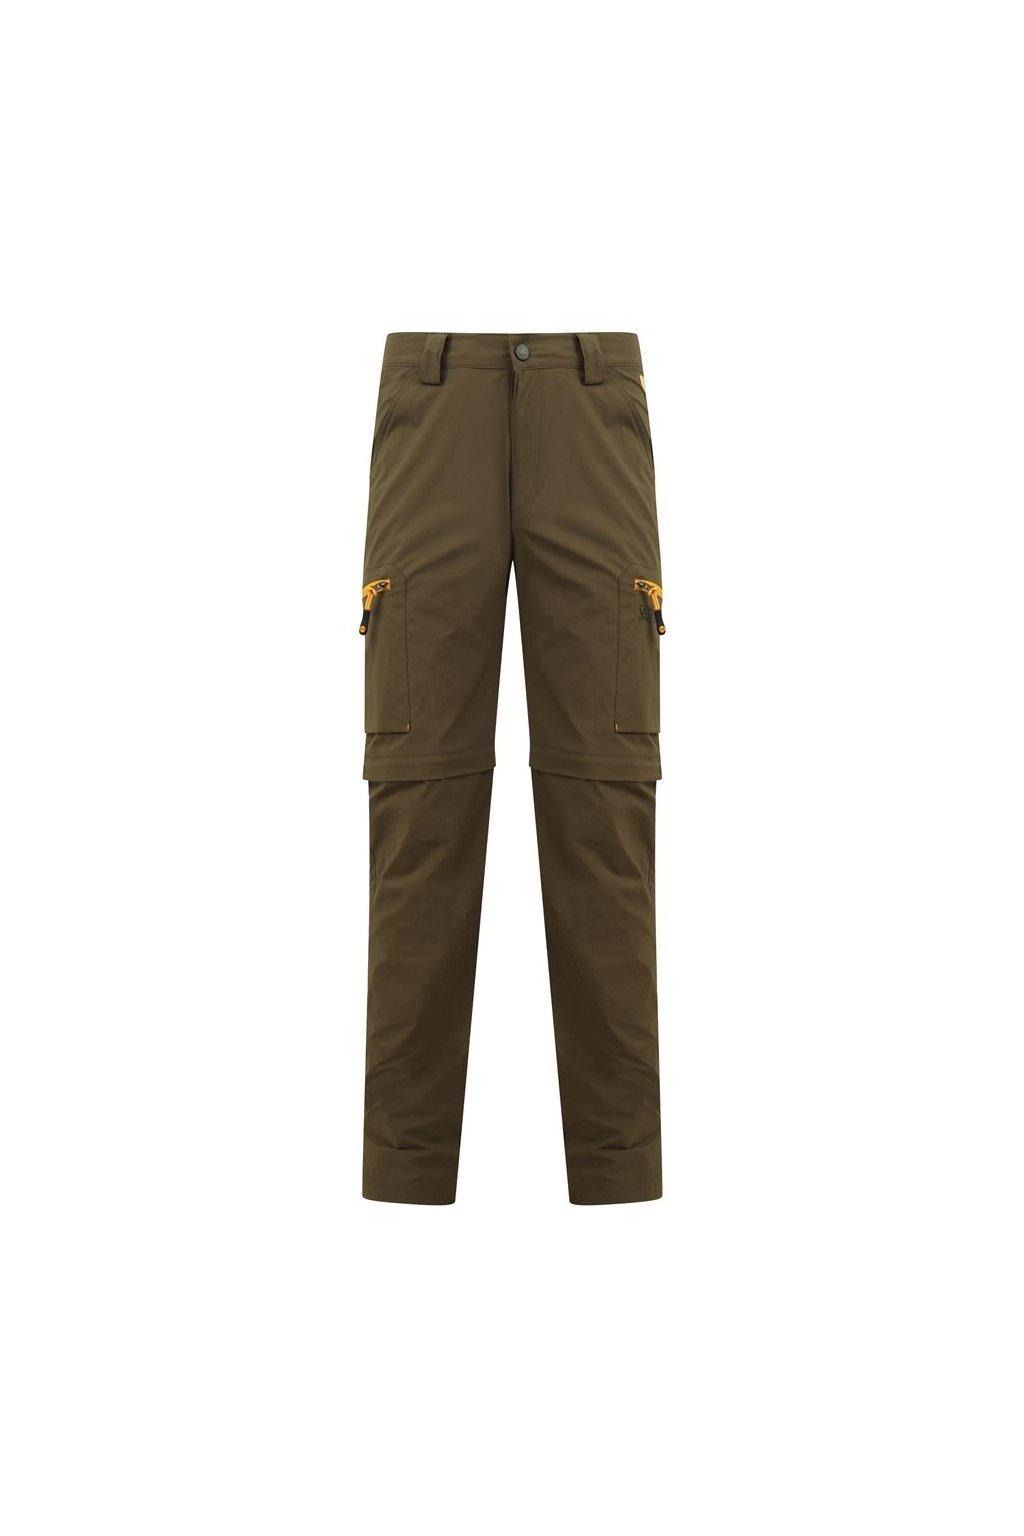 Navitas: Kalhoty Explorer Zip Off Trouser Velikost S